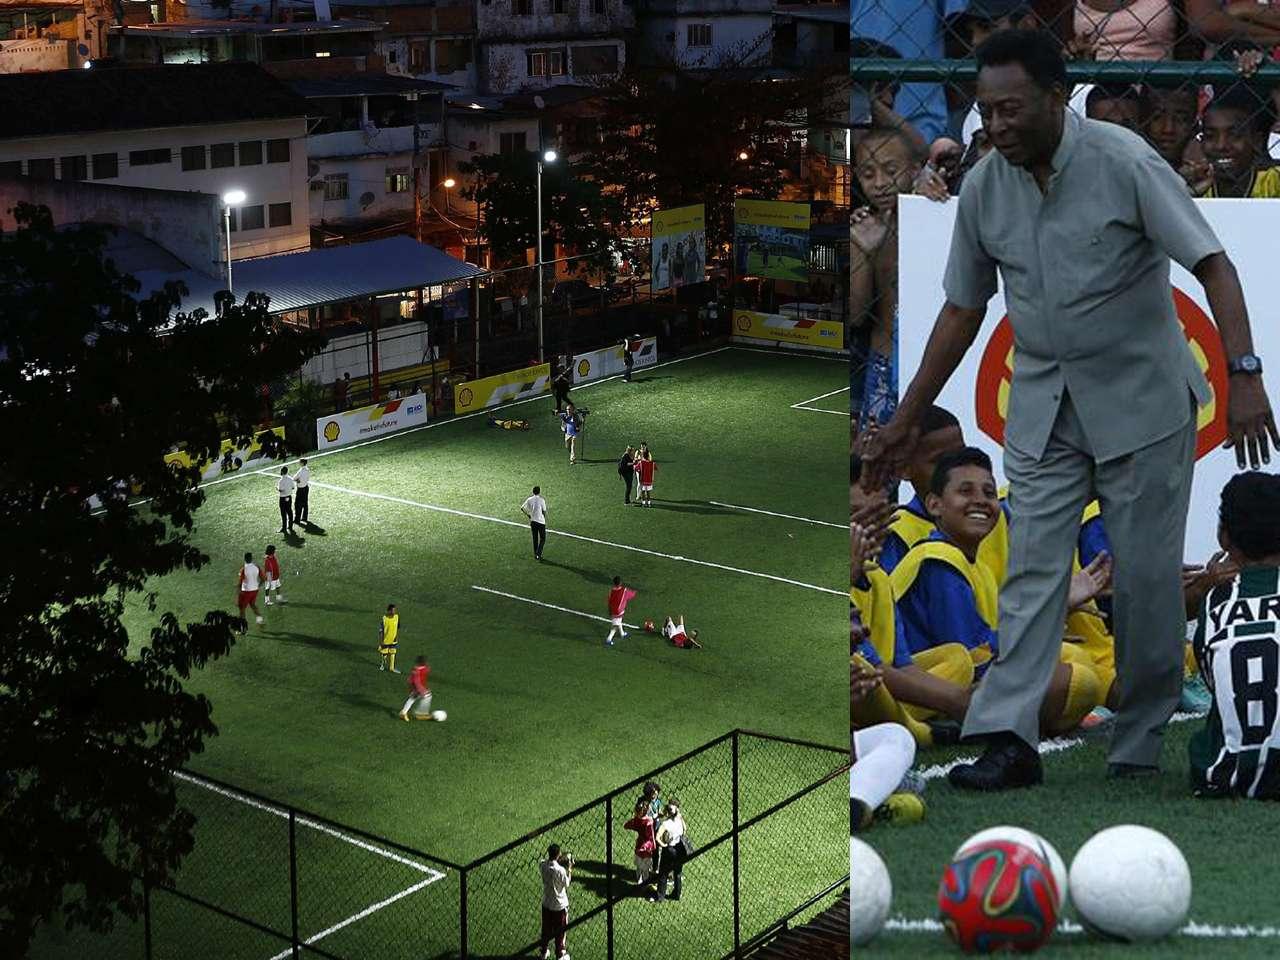 La cancha de última generación está ubicada en la favela Morro da Mineira, en Río de Janeiro Foto: EFE